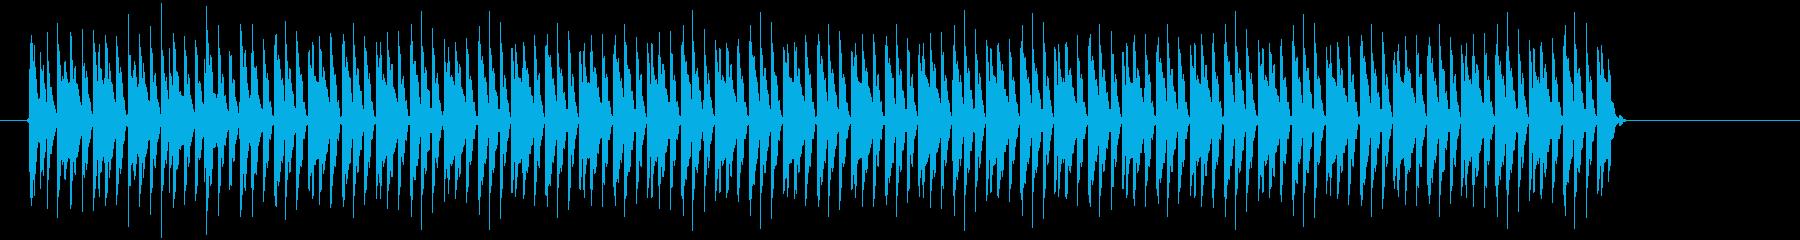 チリチリとピョコピョコの複合音の再生済みの波形